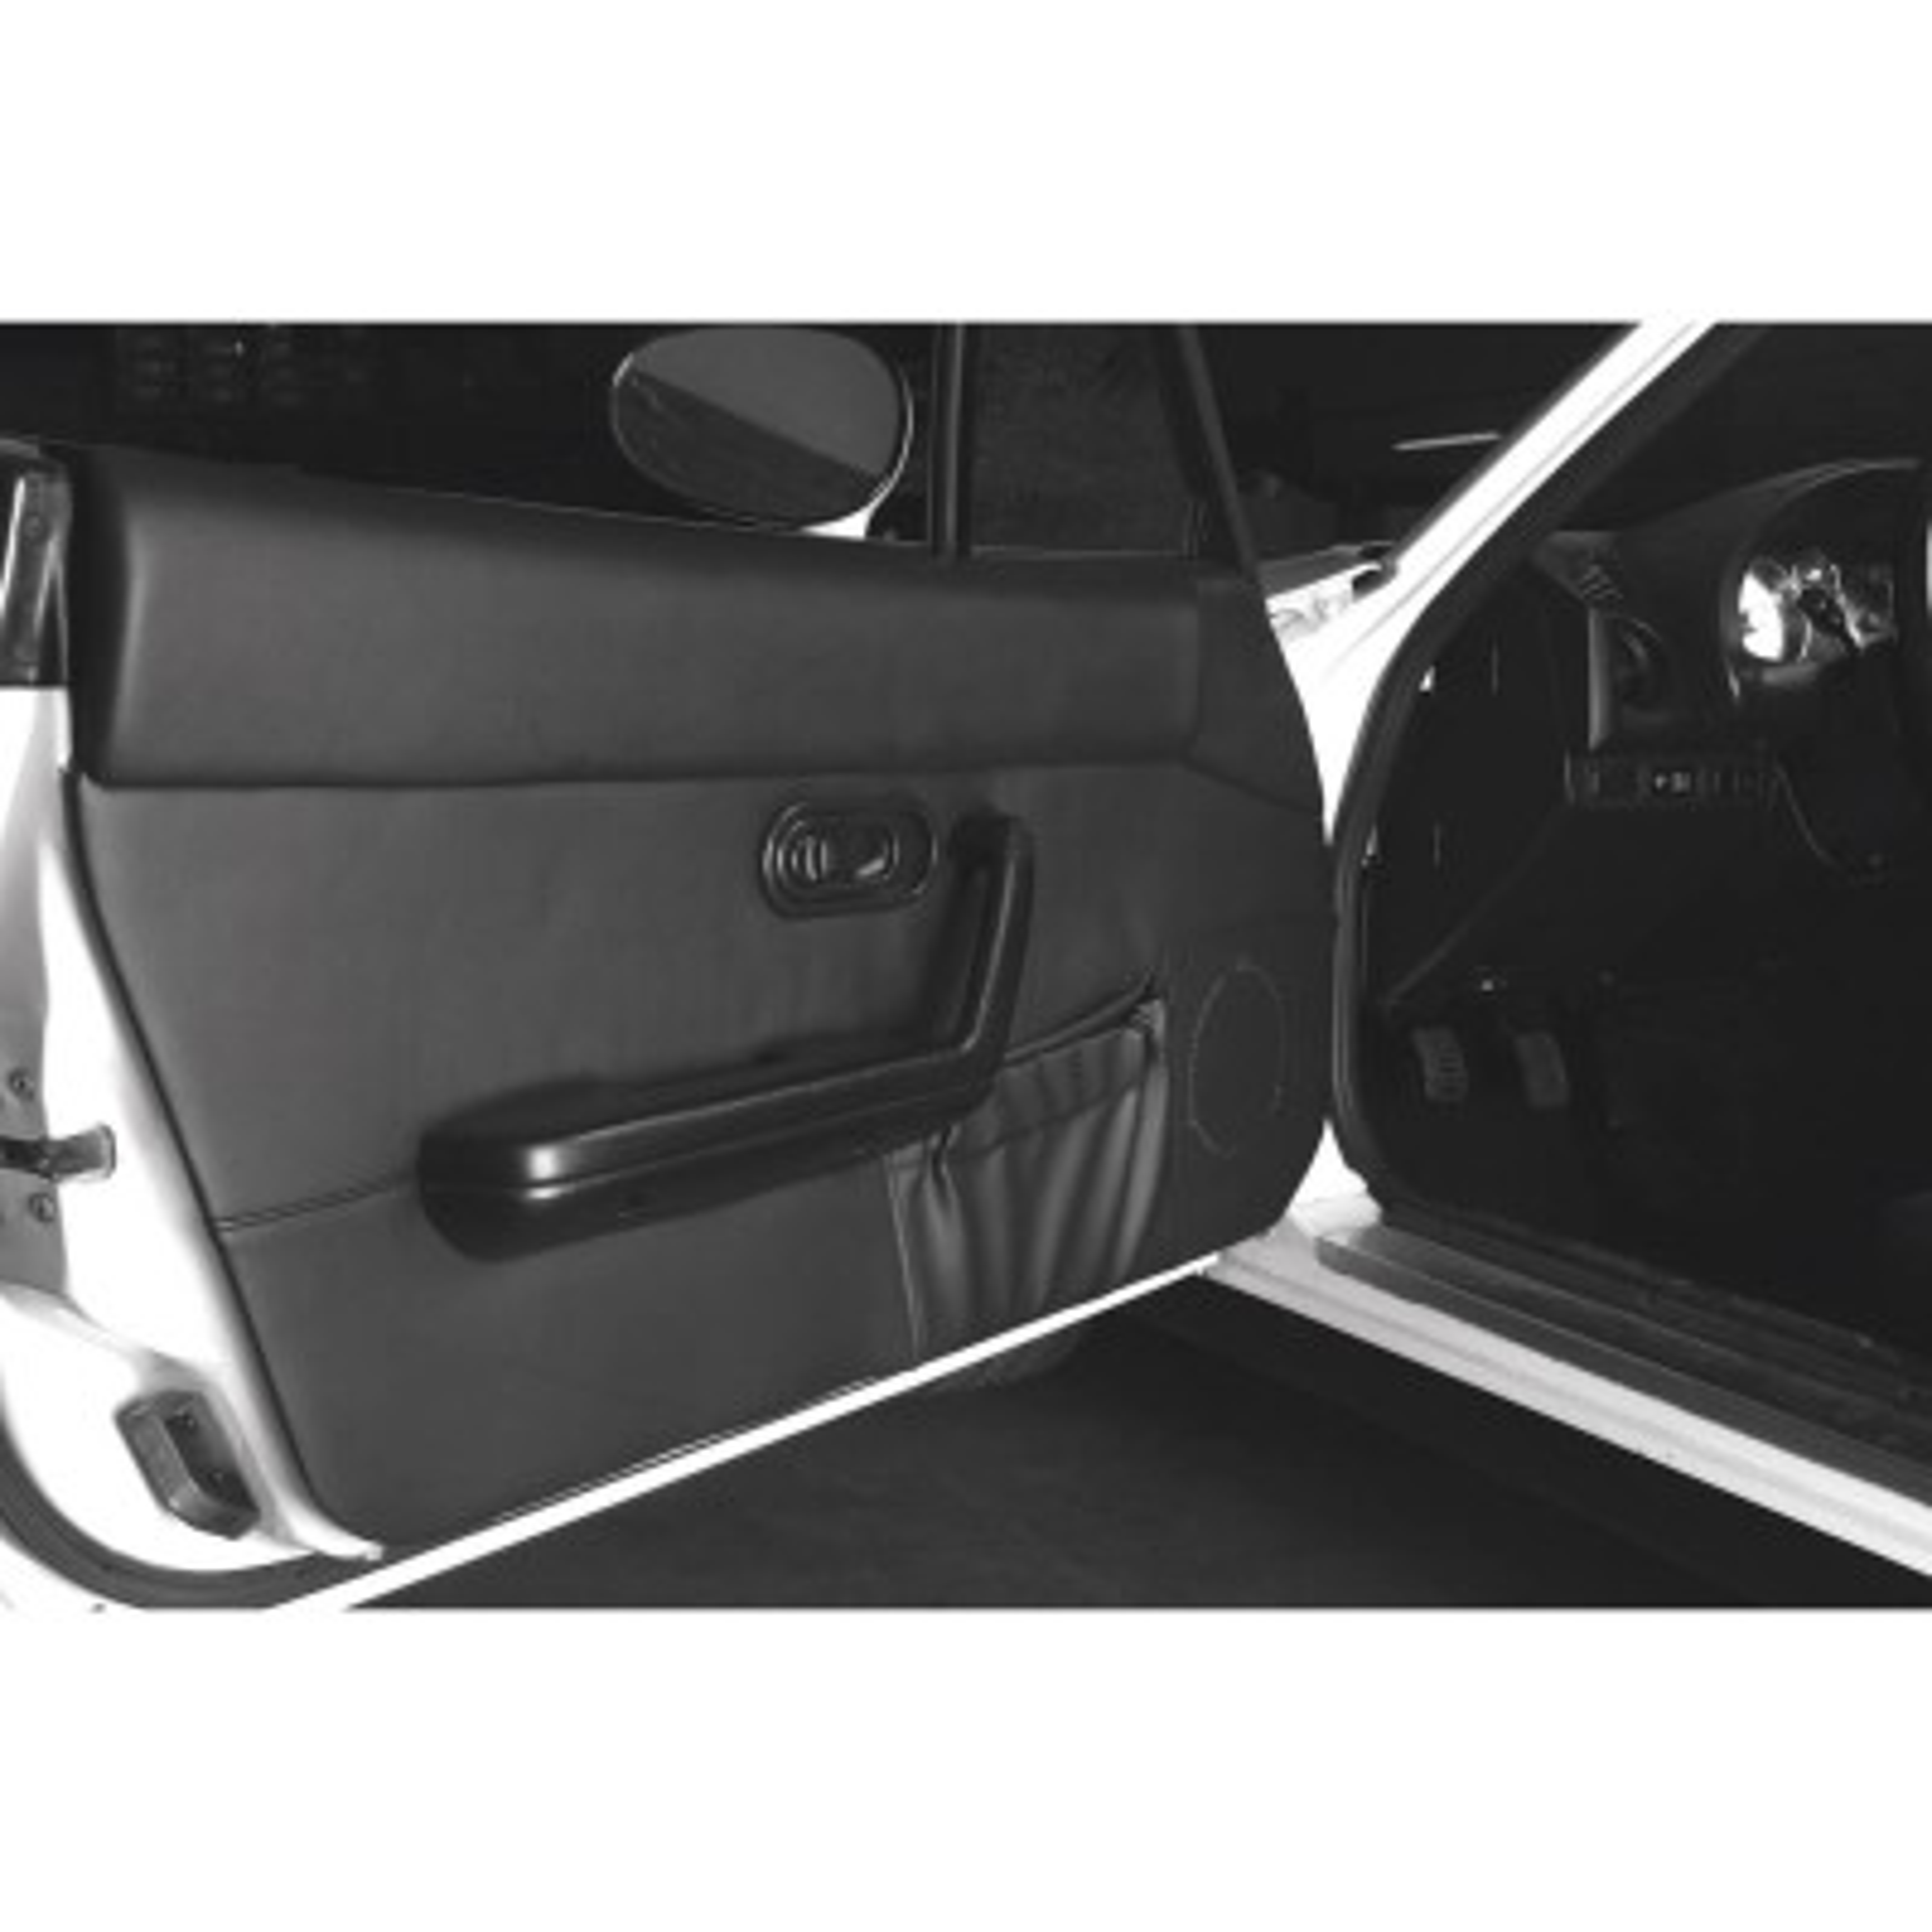 Replacement Door Panels  sc 1 st  Moss Miata & Replacement Door Panels - 1990-1997 MX-5 Miata | MossMiata